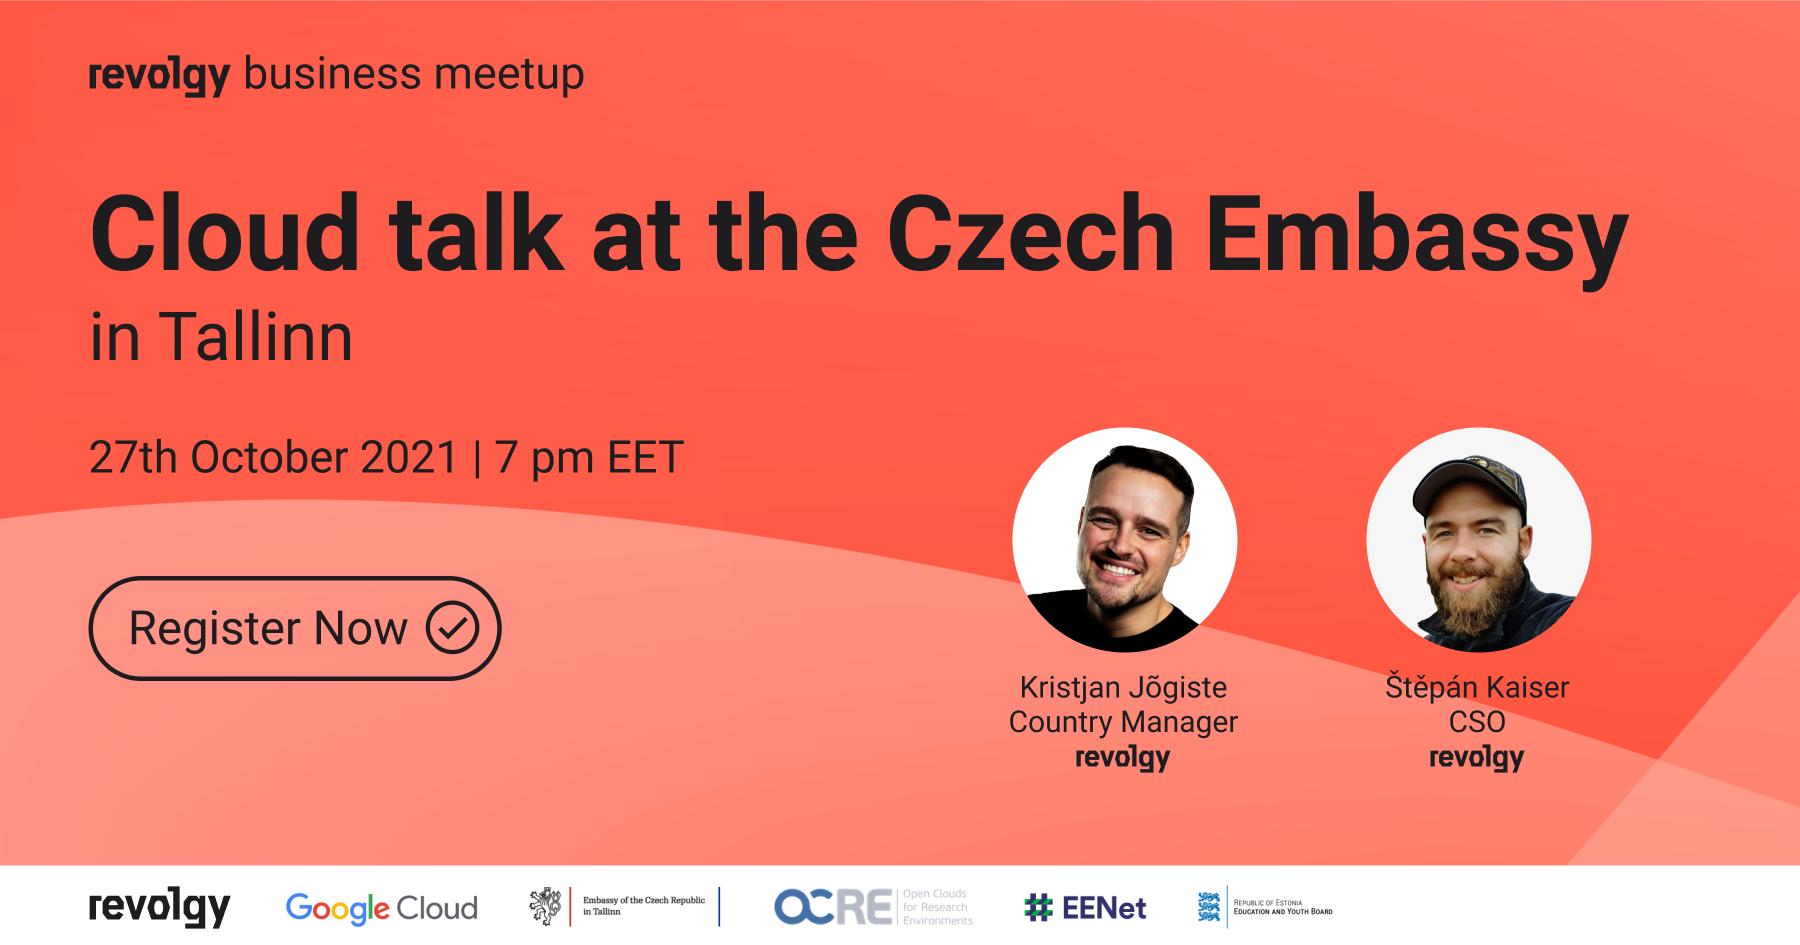 Cloud talk at the Czech Embassy